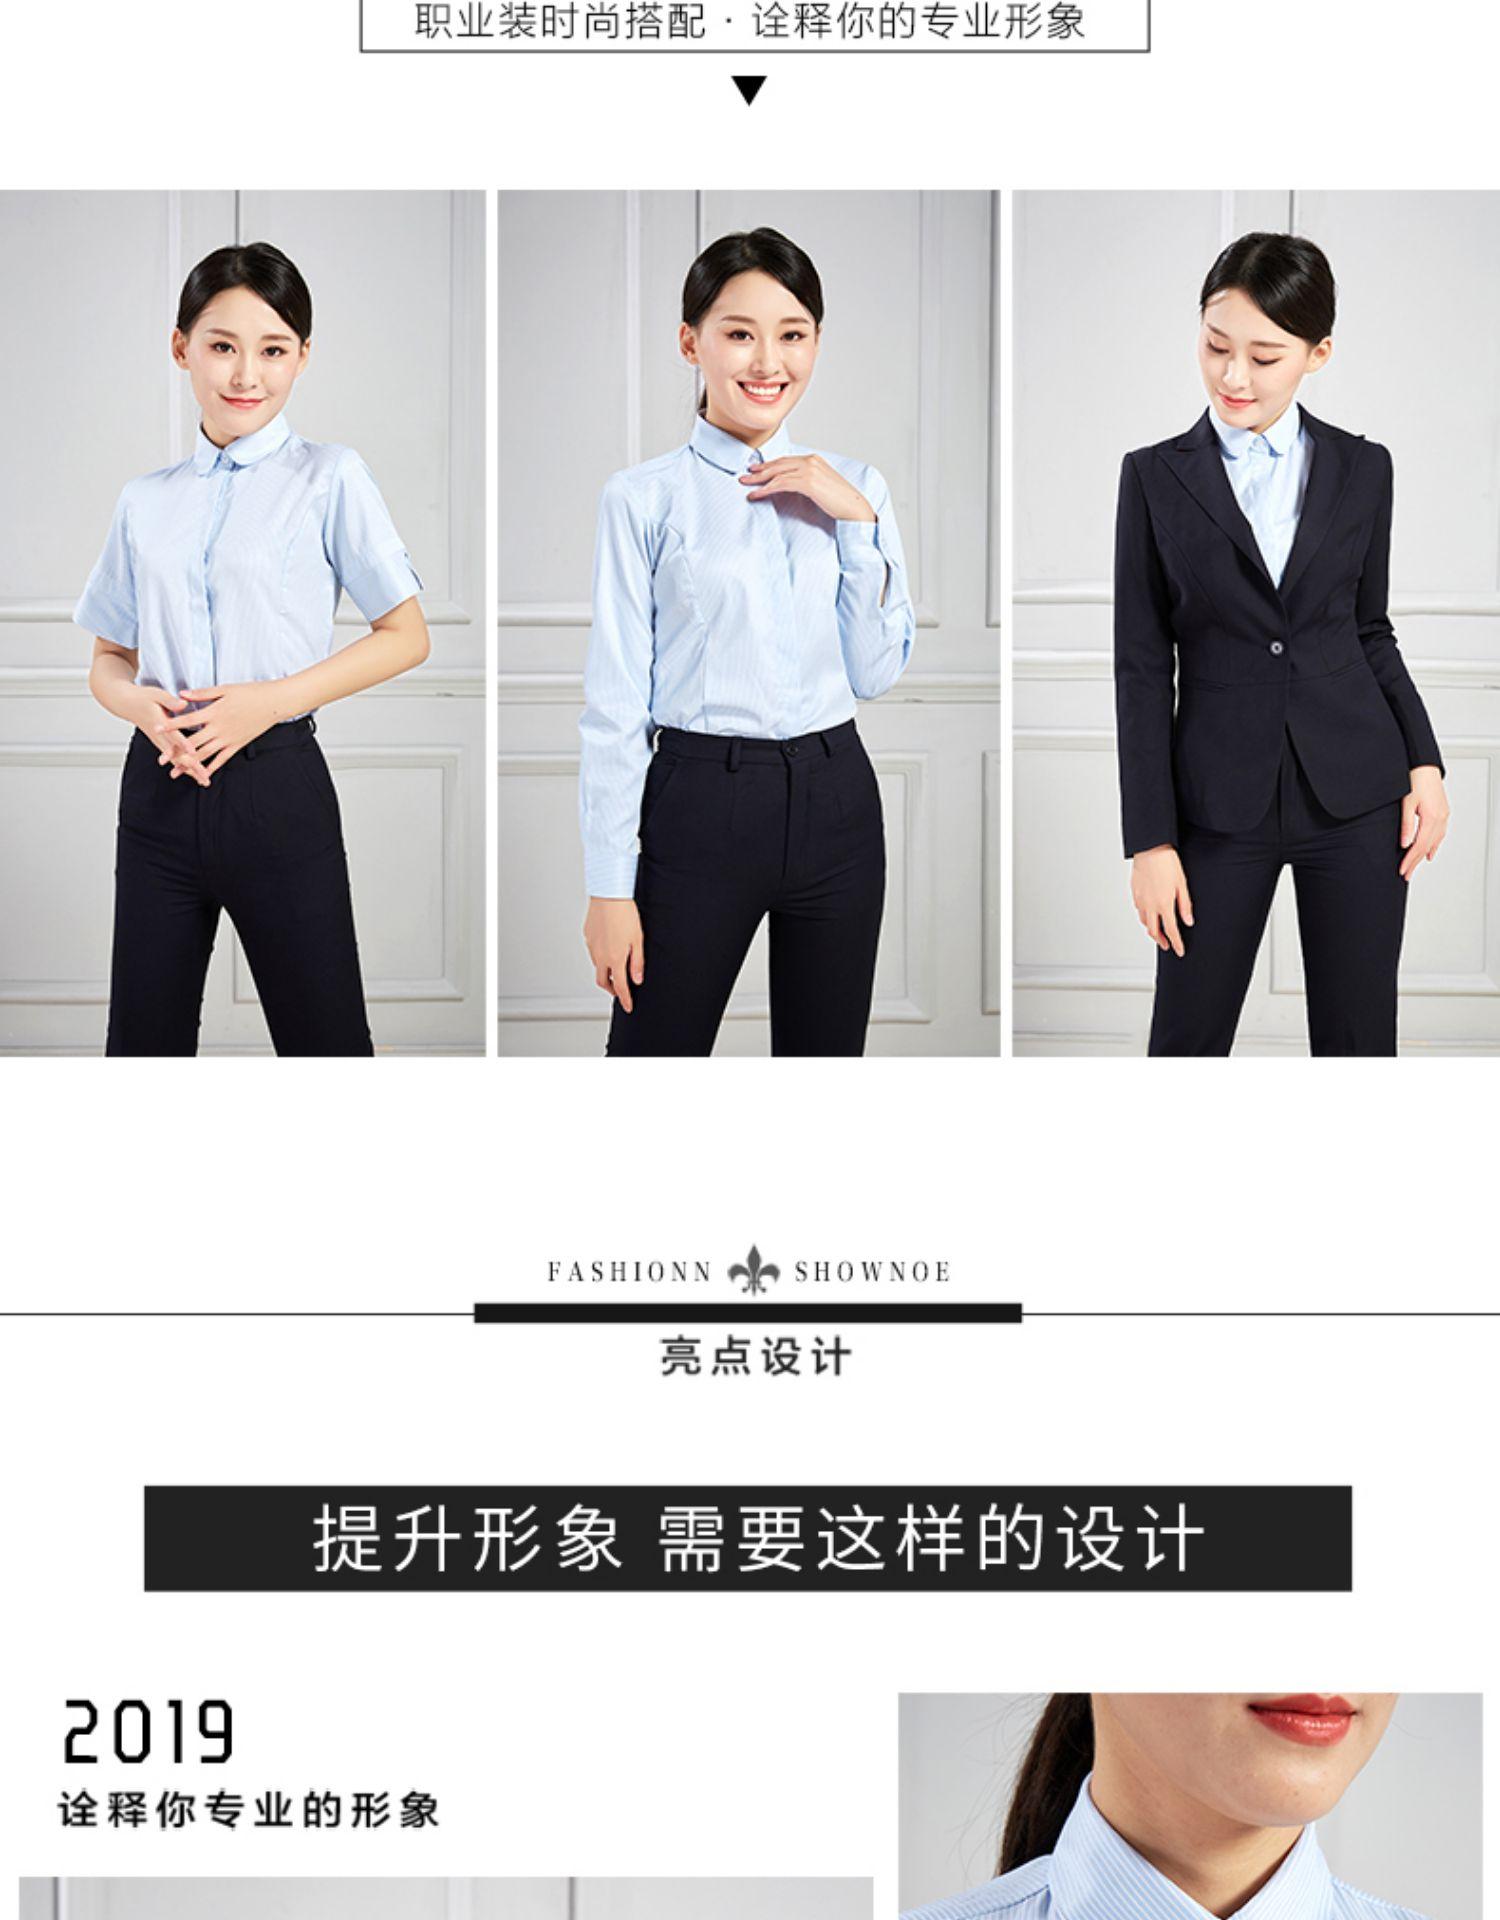 木中琴浦發銀行行服OL正裝職業西服套裝女白領職業制服工裝春秋款